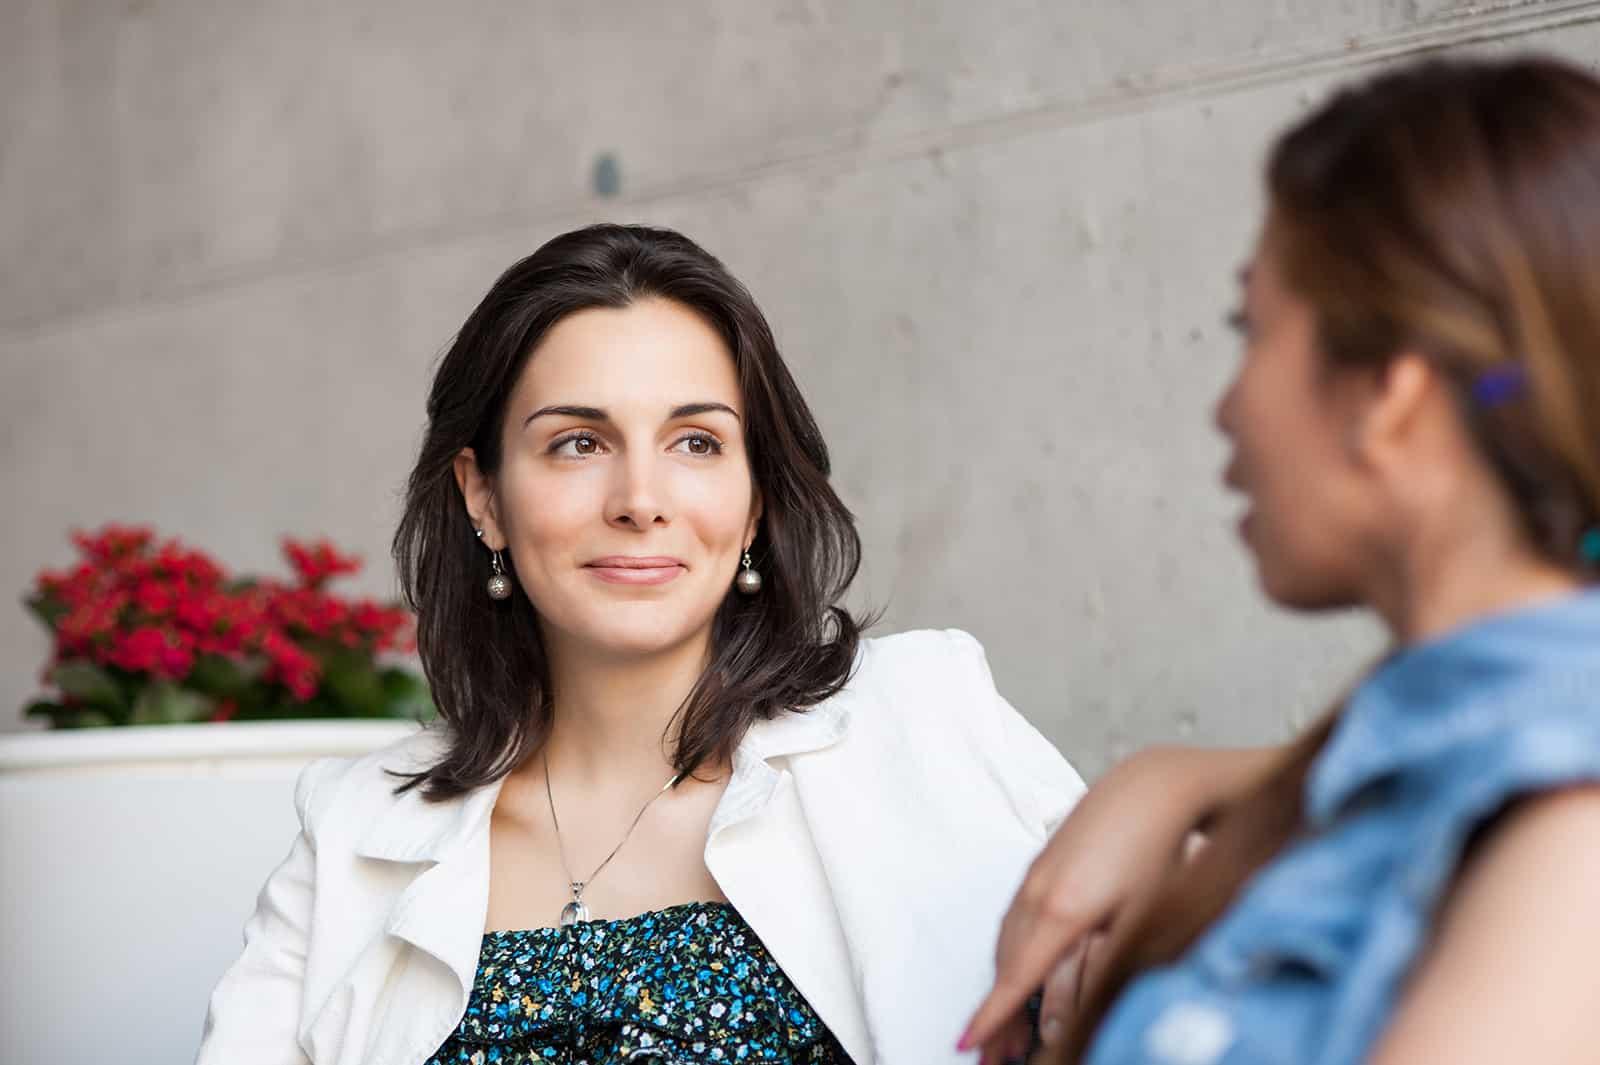 Zwei Frauen unterhalten sich im Café und sehen sich an